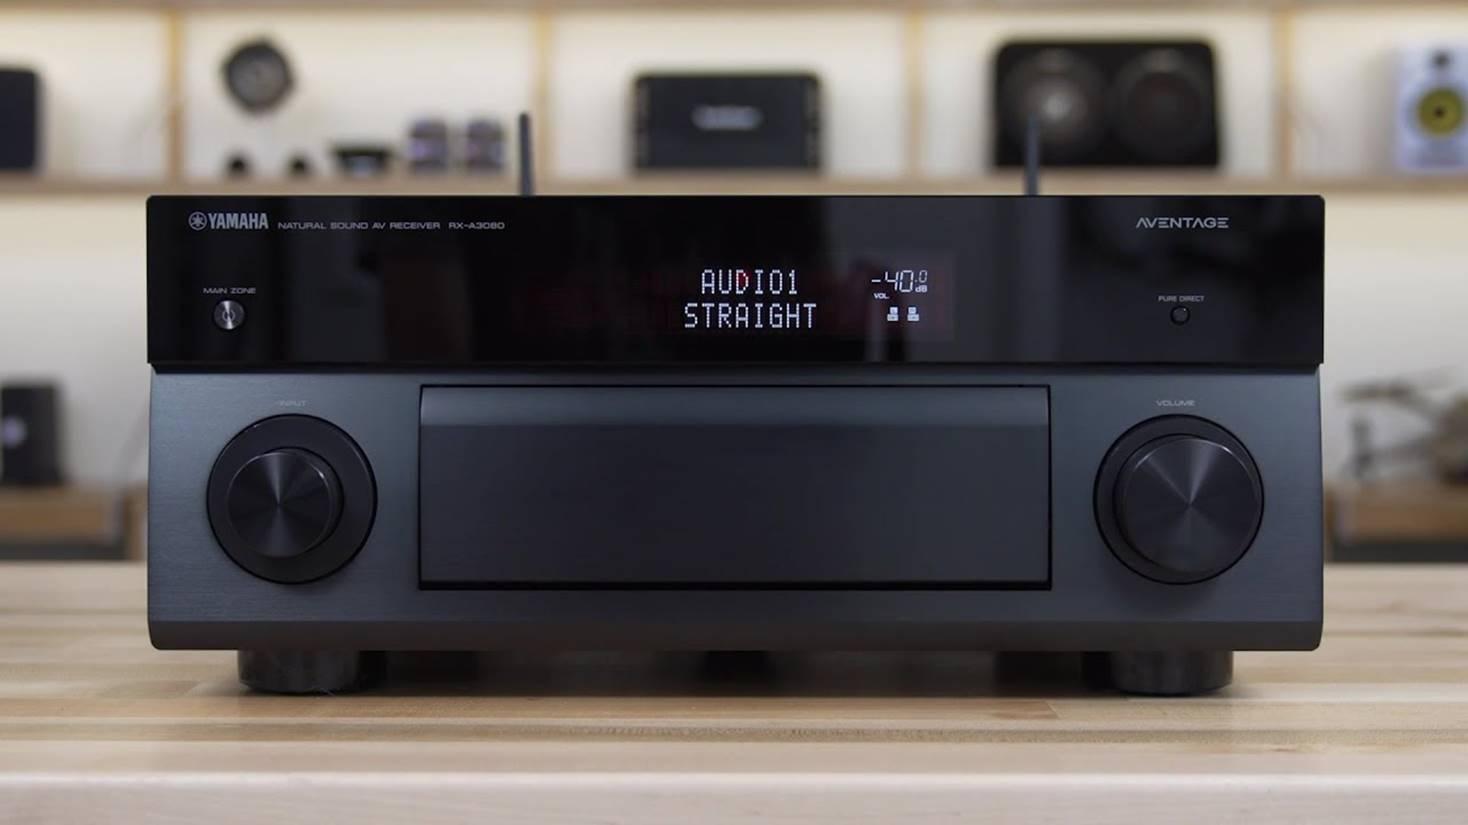 Best 2020 Av Receiver The 10 Best Surround Sound Receivers in 2019 – Bass Head Speakers